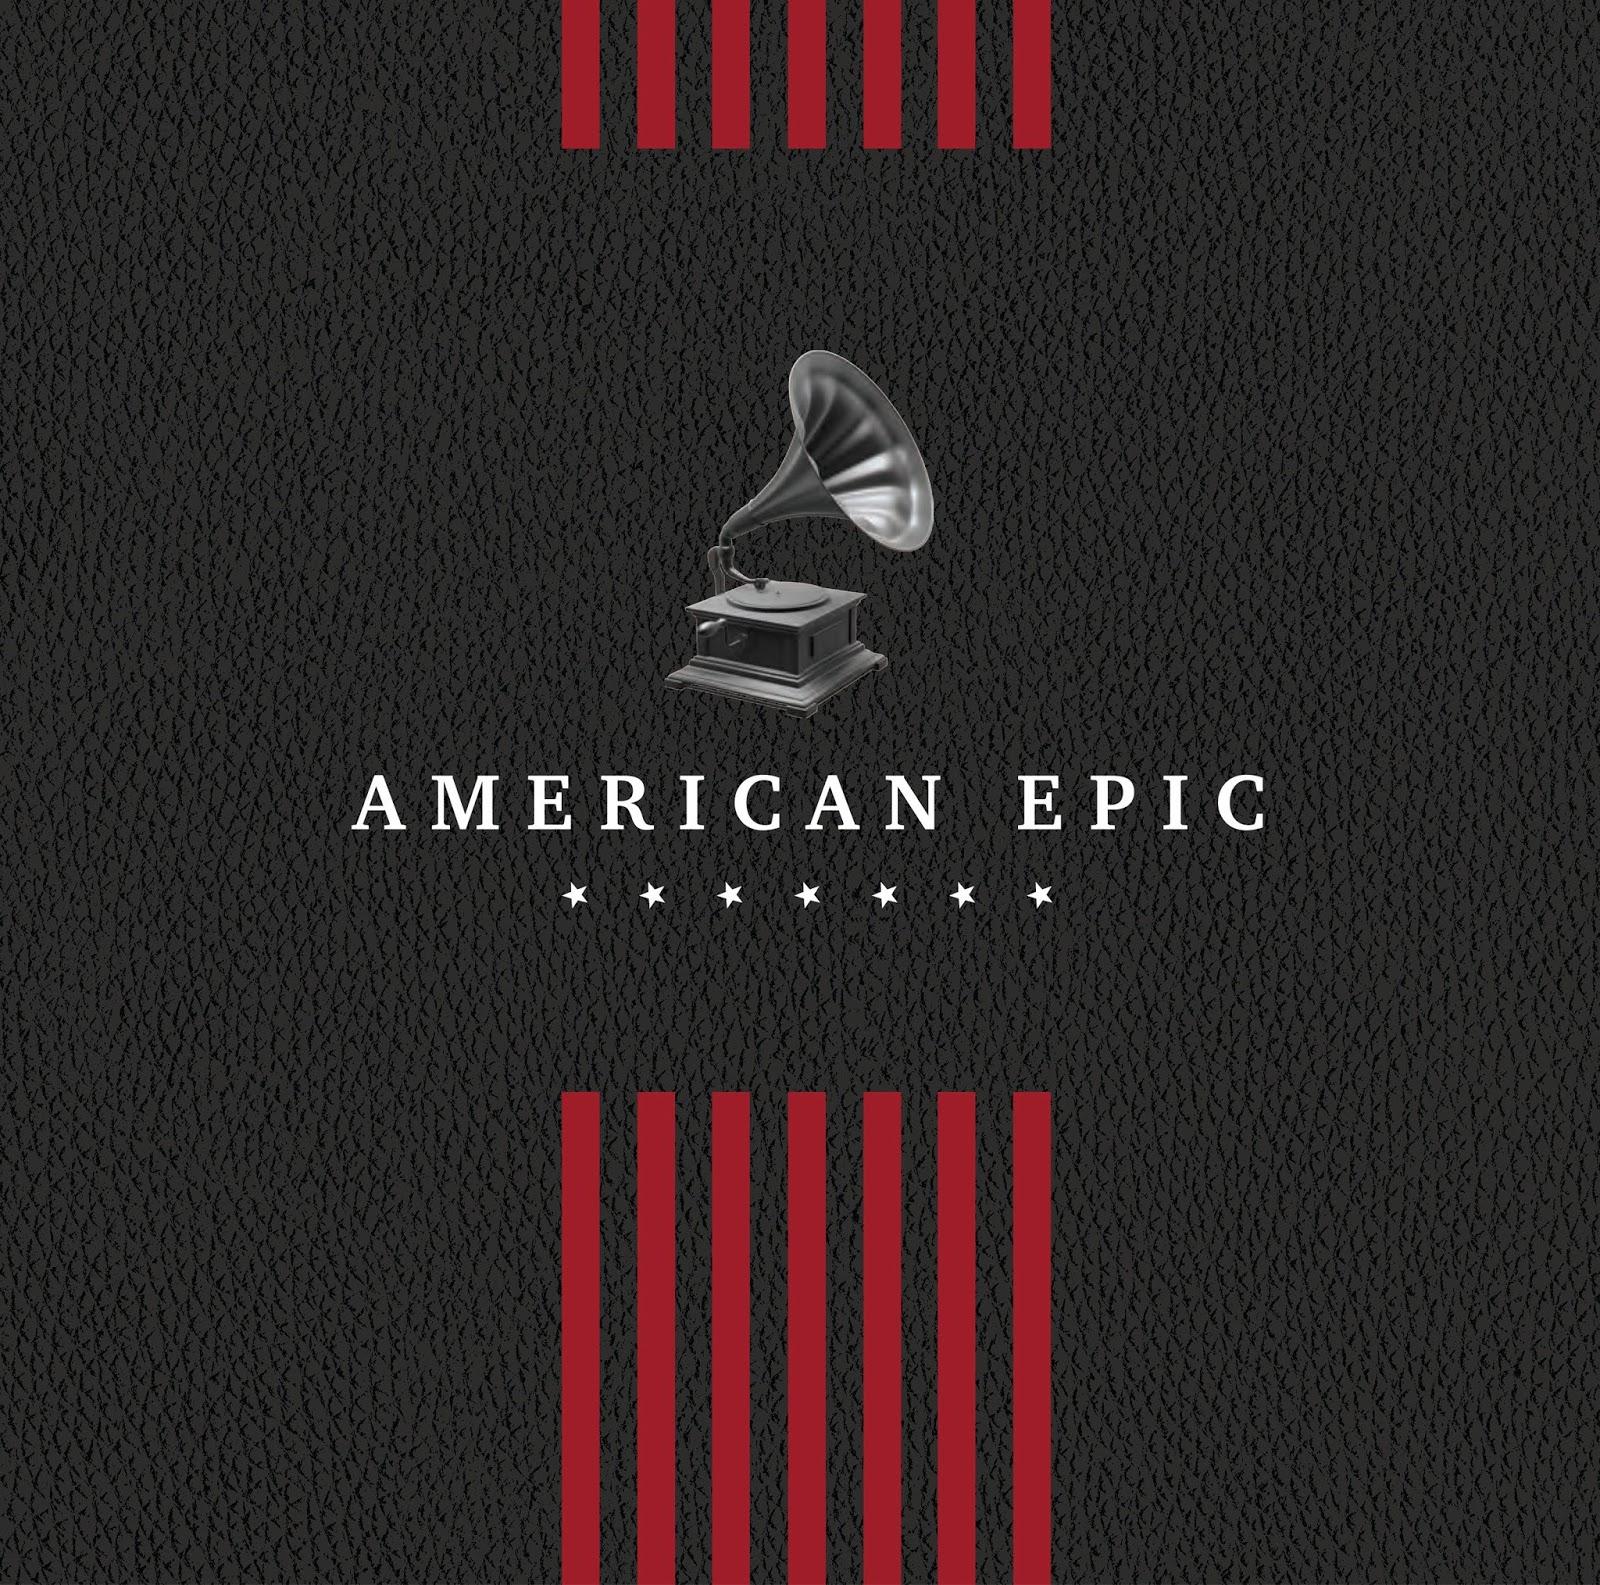 Escutem a coletânea American Epic: The Sessions